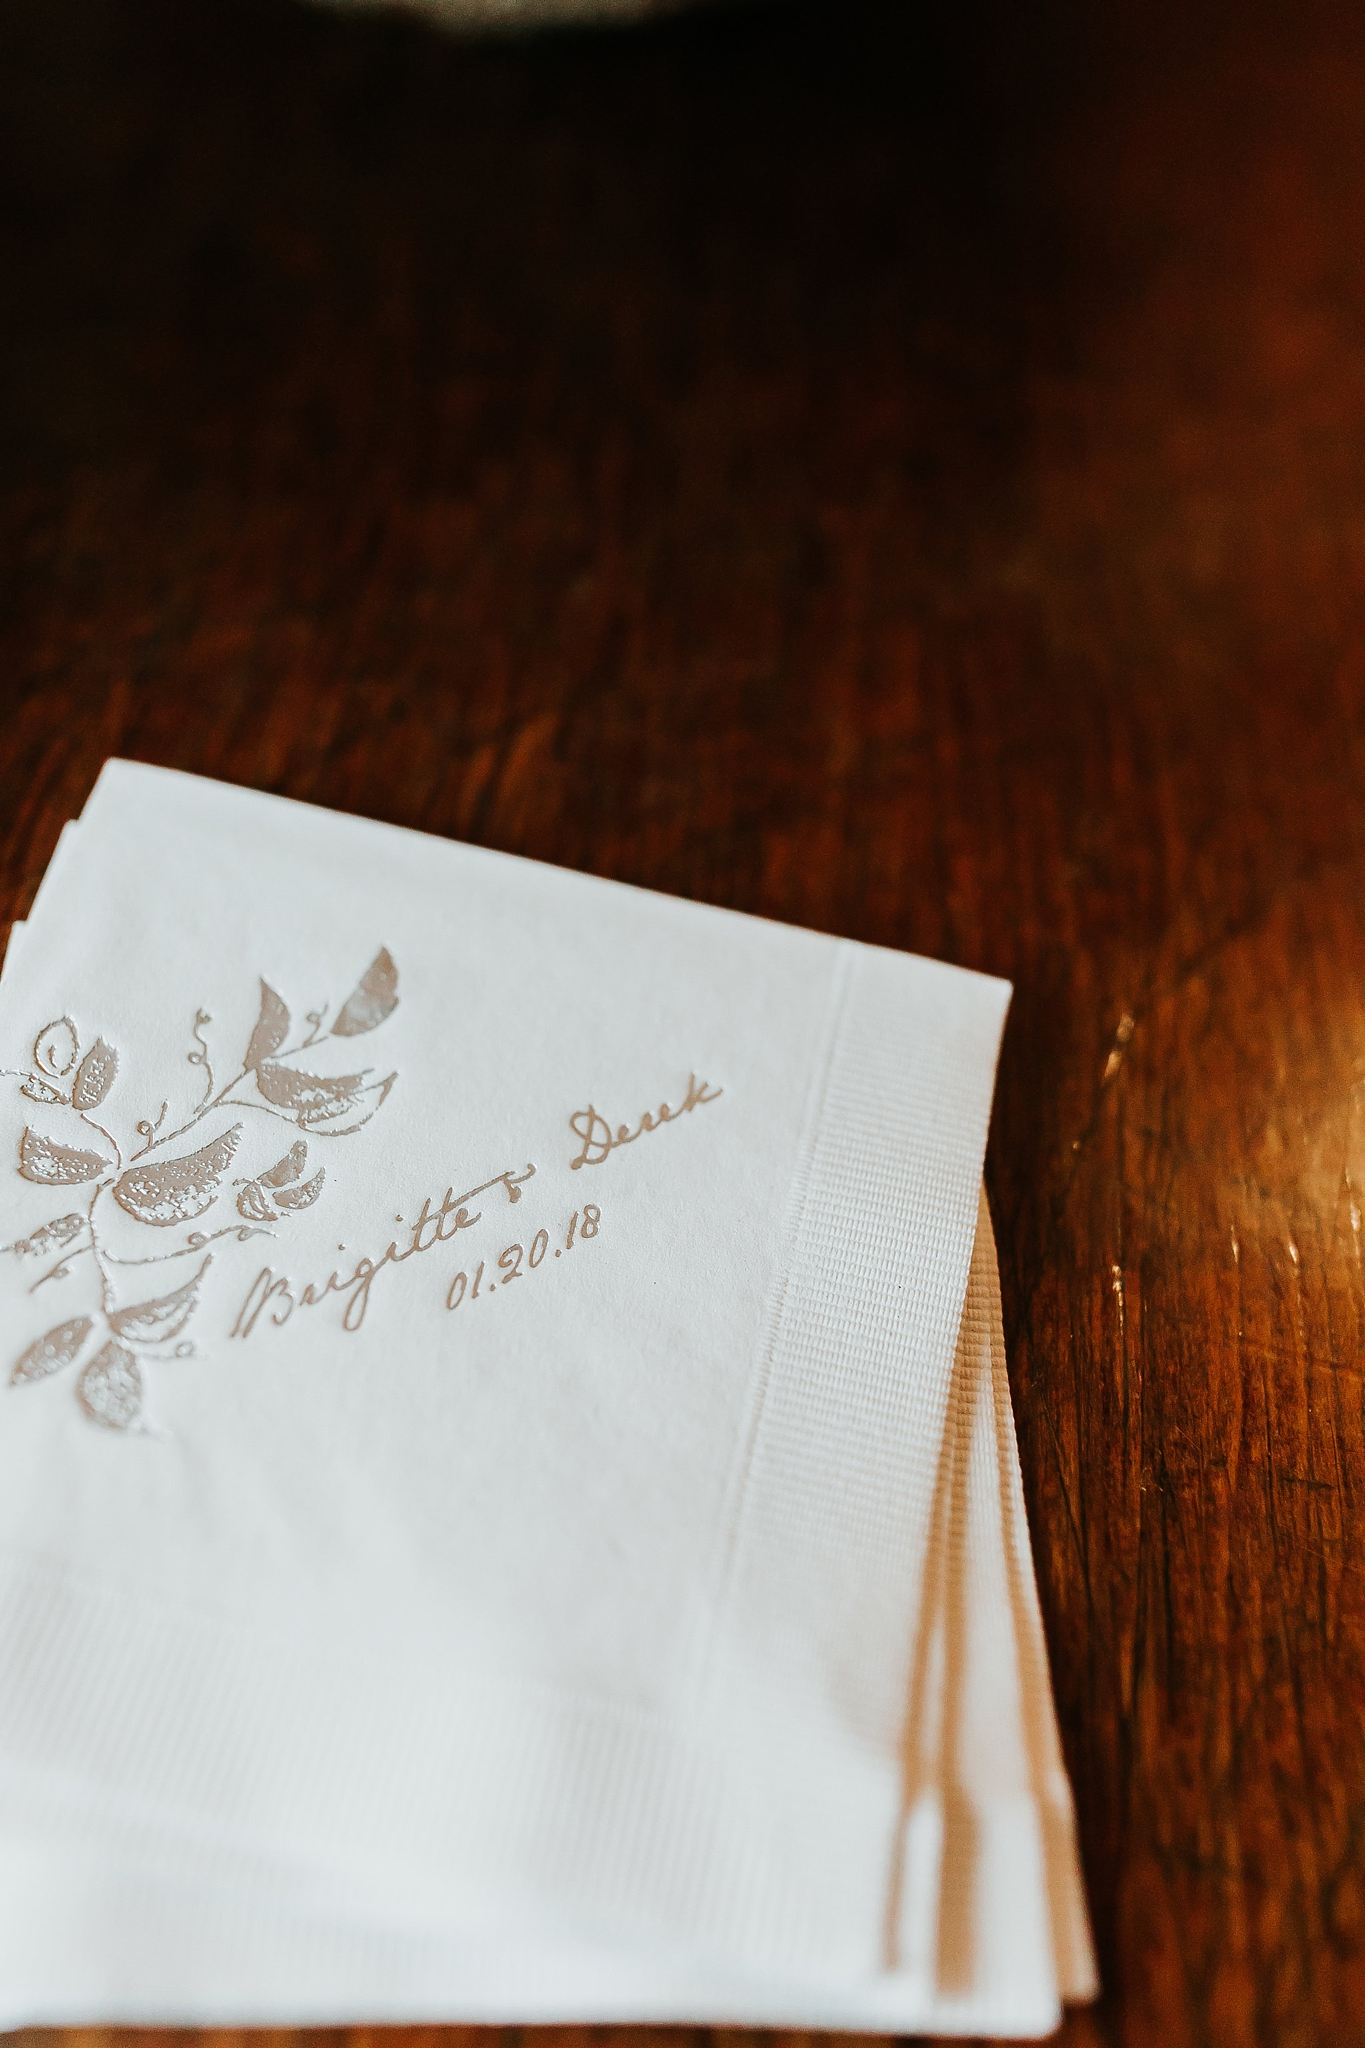 Alicia+lucia+photography+-+albuquerque+wedding+photographer+-+santa+fe+wedding+photography+-+new+mexico+wedding+photographer+-+new+mexico+wedding+-+wedding+-+winter+wedding+-+wedding+reception+-+winter+wedding+reception_0052.jpg